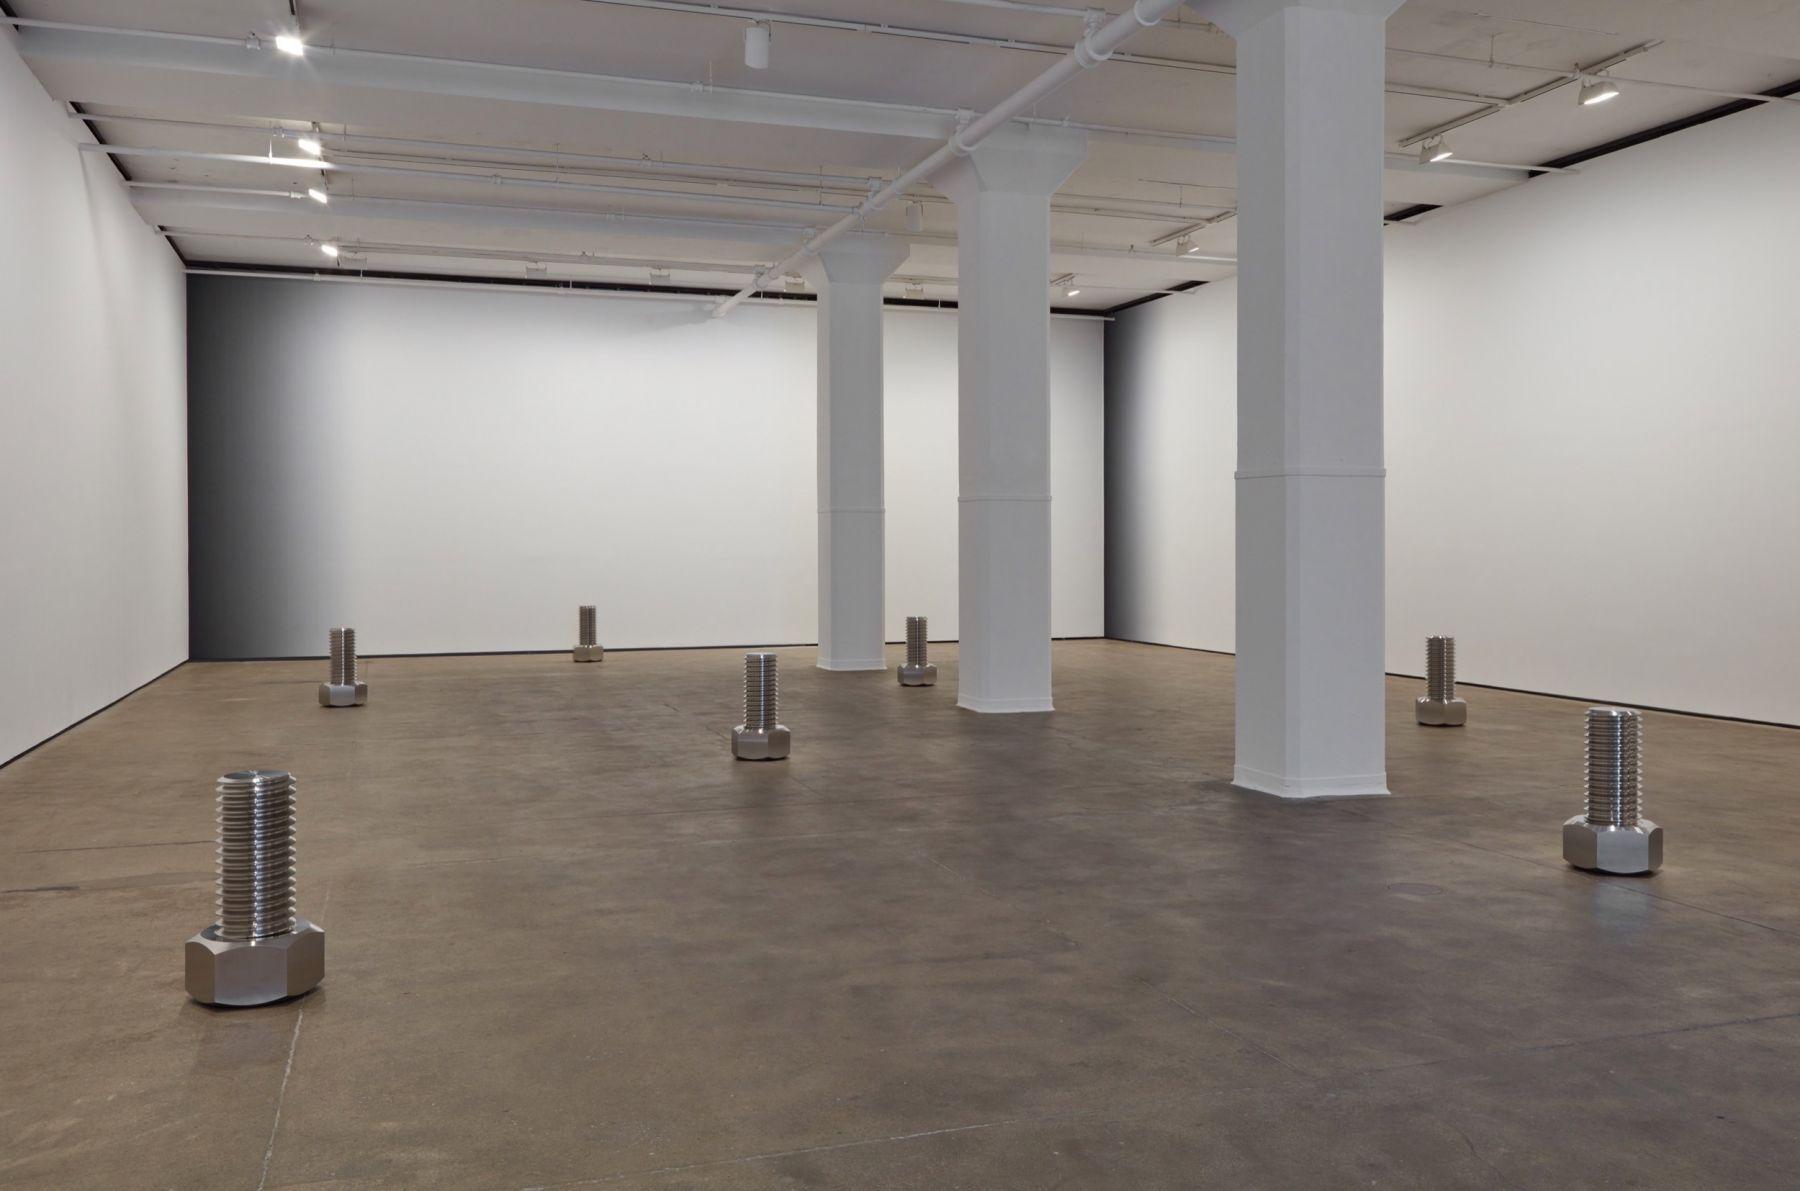 Iran do Espírito Santo Sean Kelly Gallery